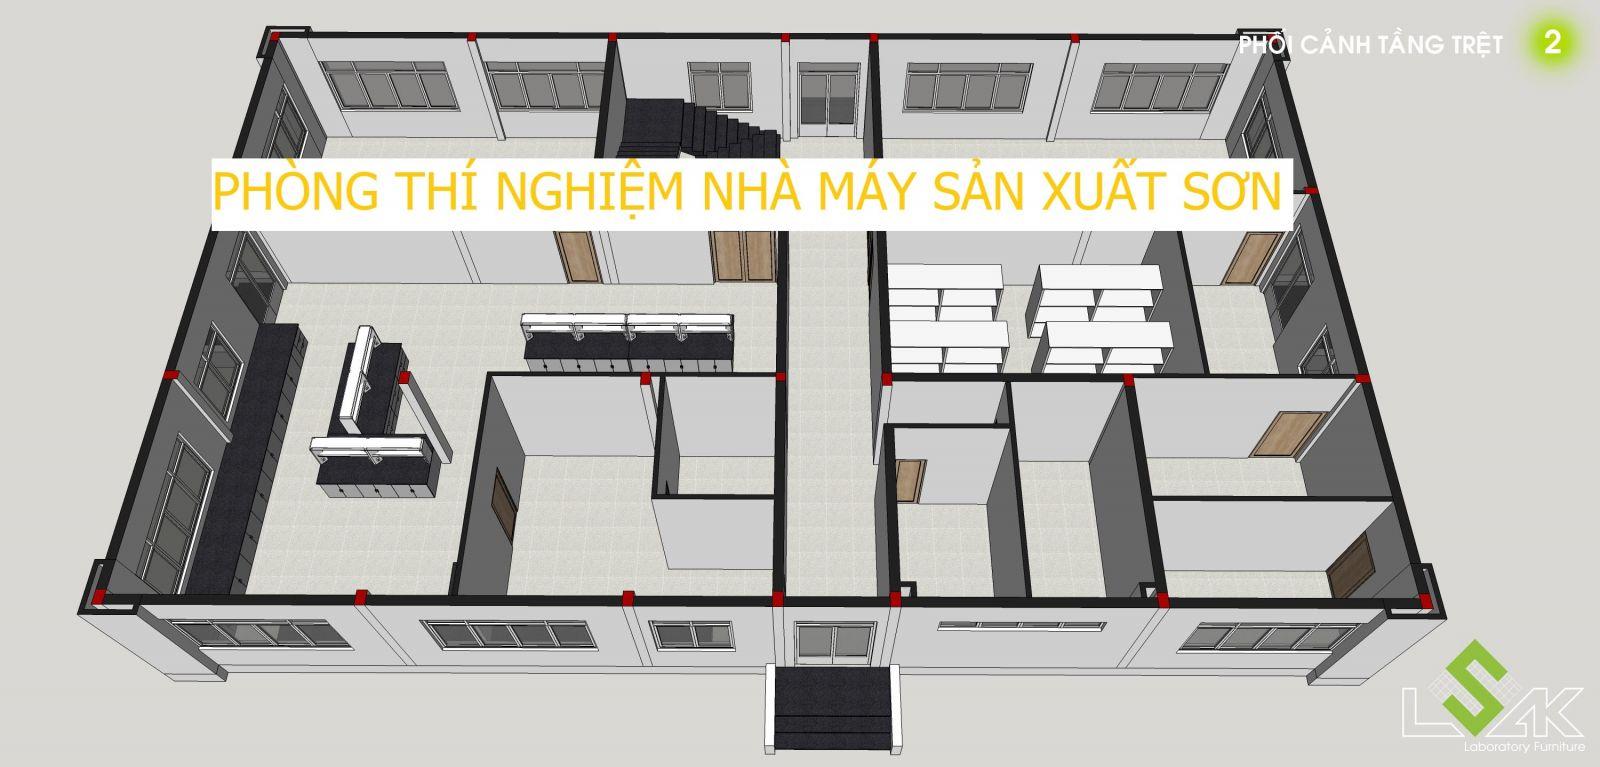 Mô hình 3D phòng thí nghiệm nhà máy sơn Đông Á tại Long An.